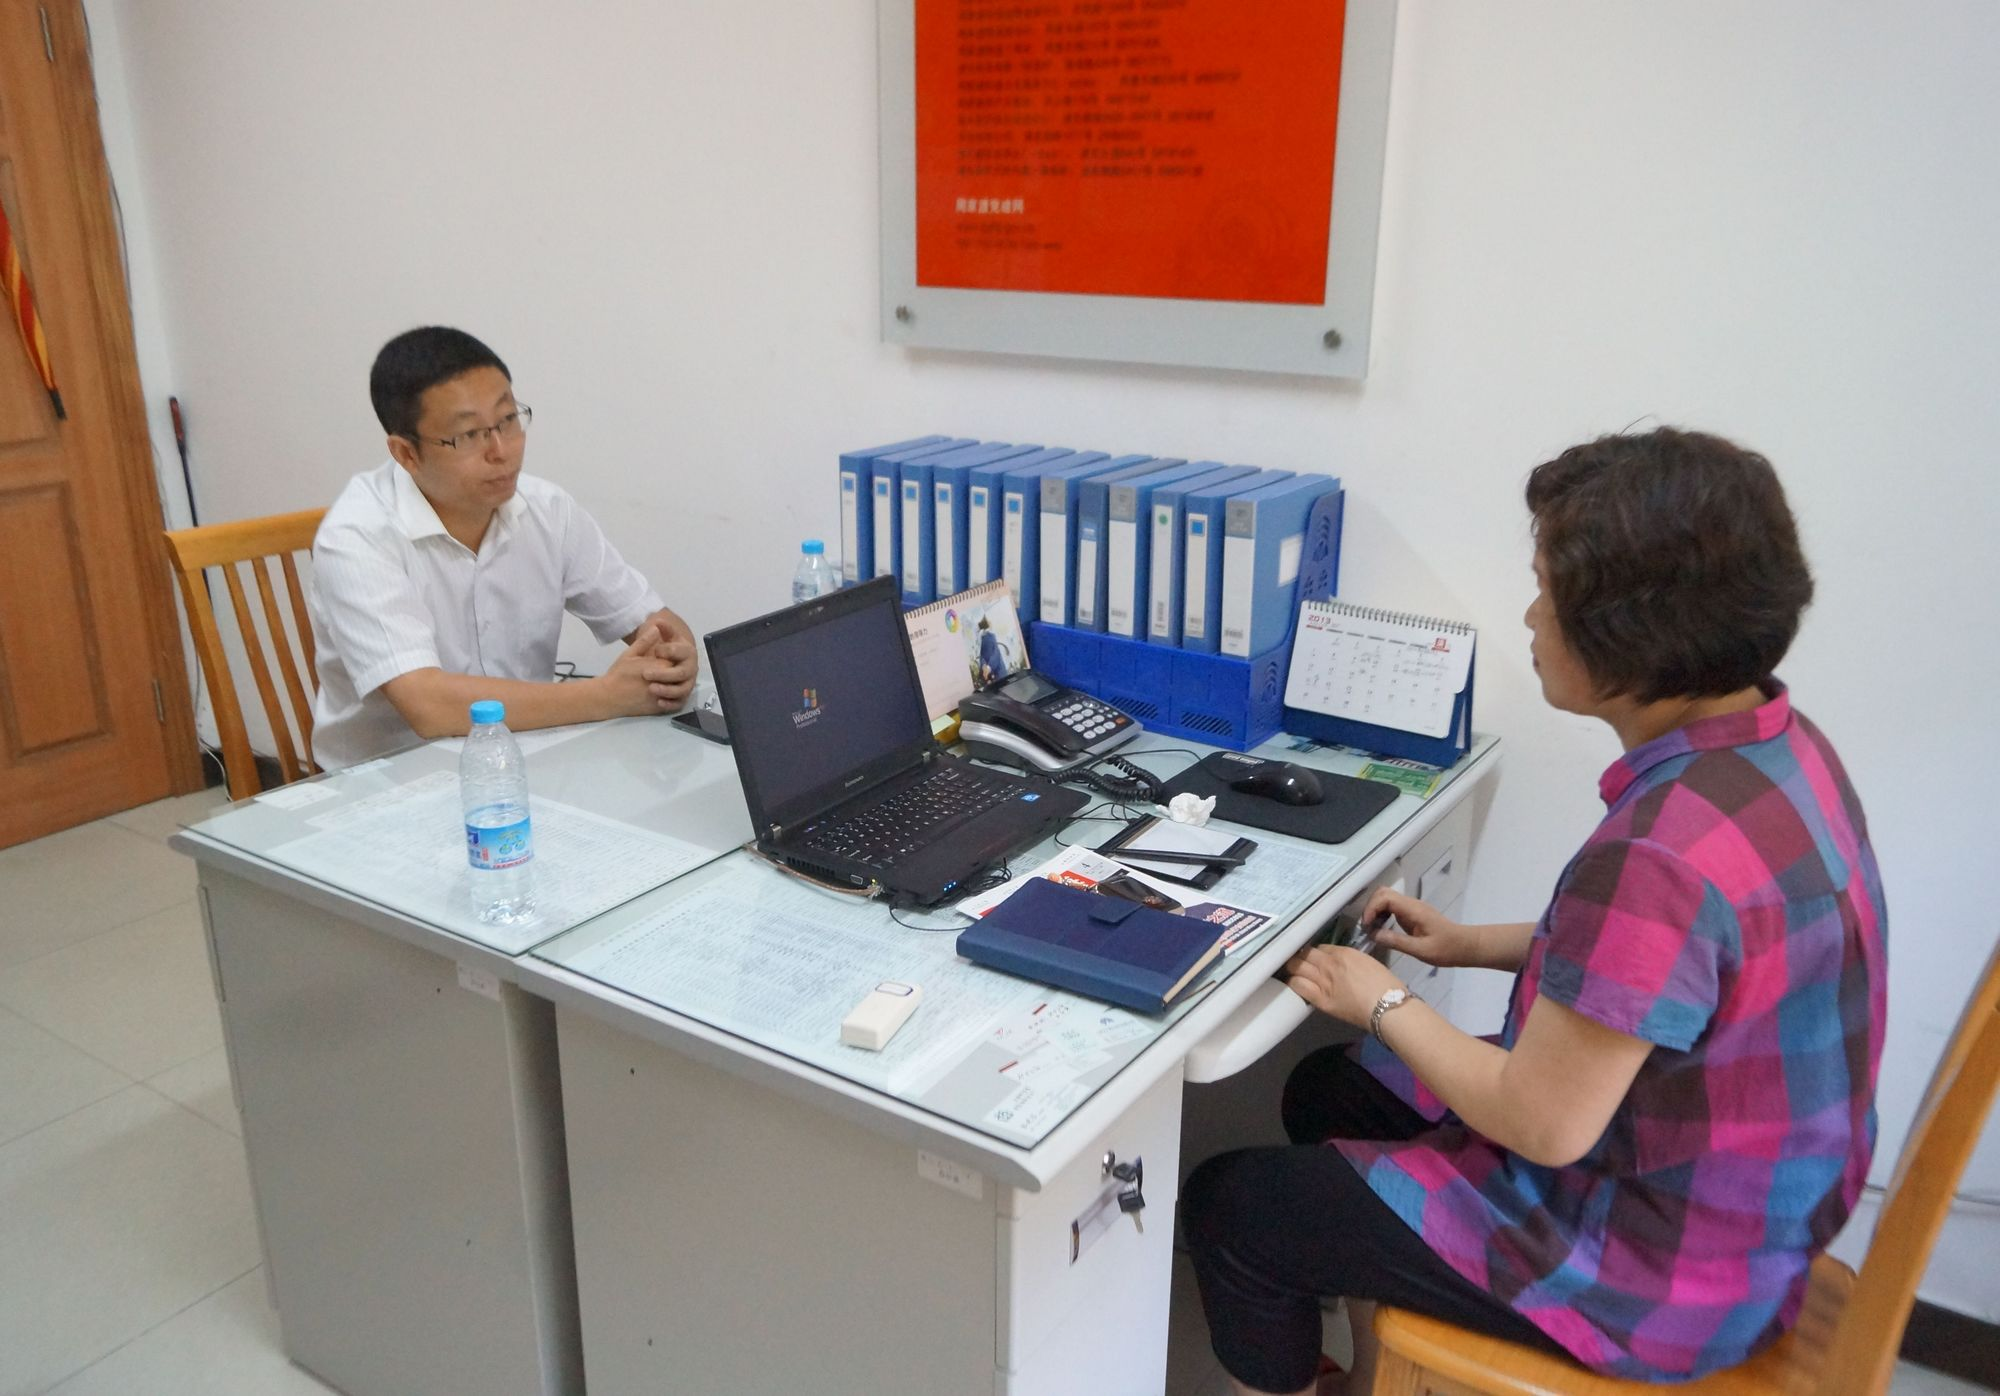 浦东居民区党组书记任职满两届有望享事业编制